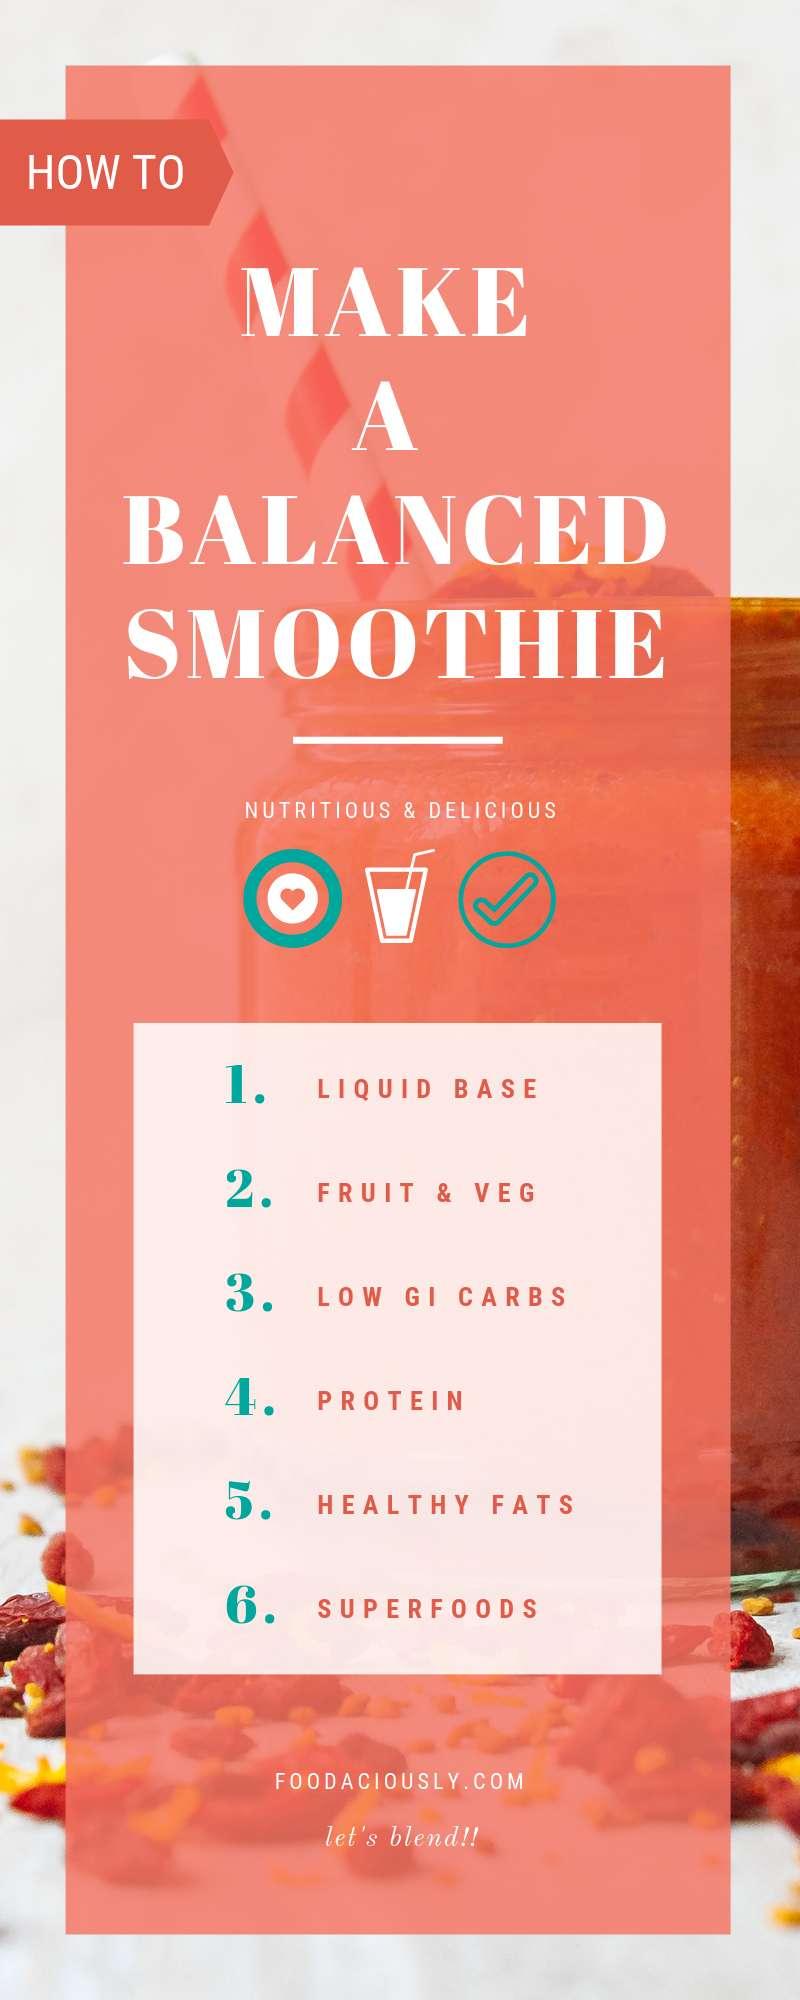 How to Make a Balanced Smoothie